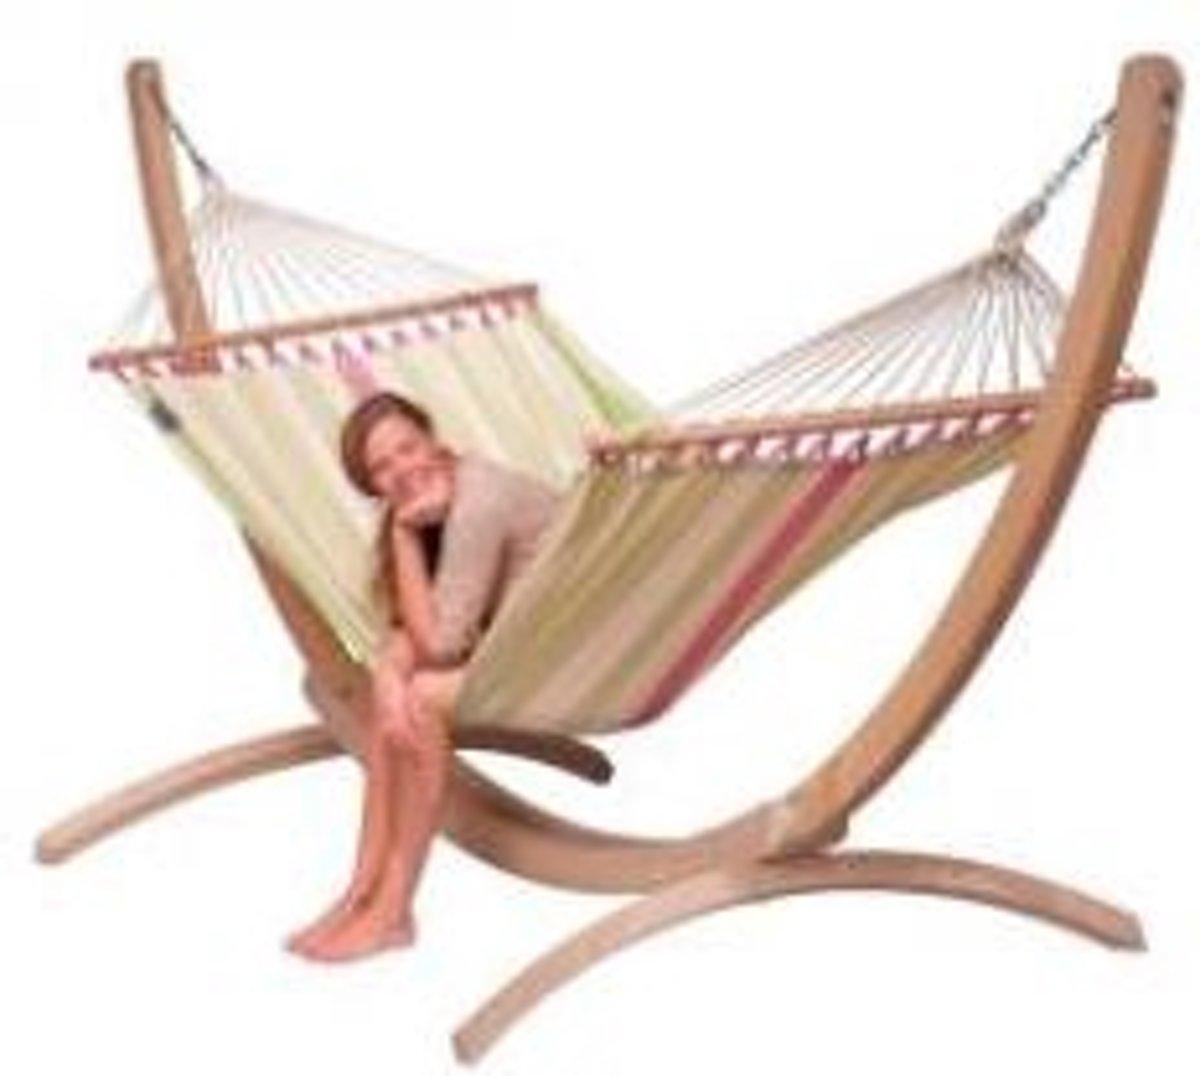 Hangmatset: 2-persoons hangmat met spreidstok COLADA kiwi + Standaard voor 2-persoons hangmat  CANOA